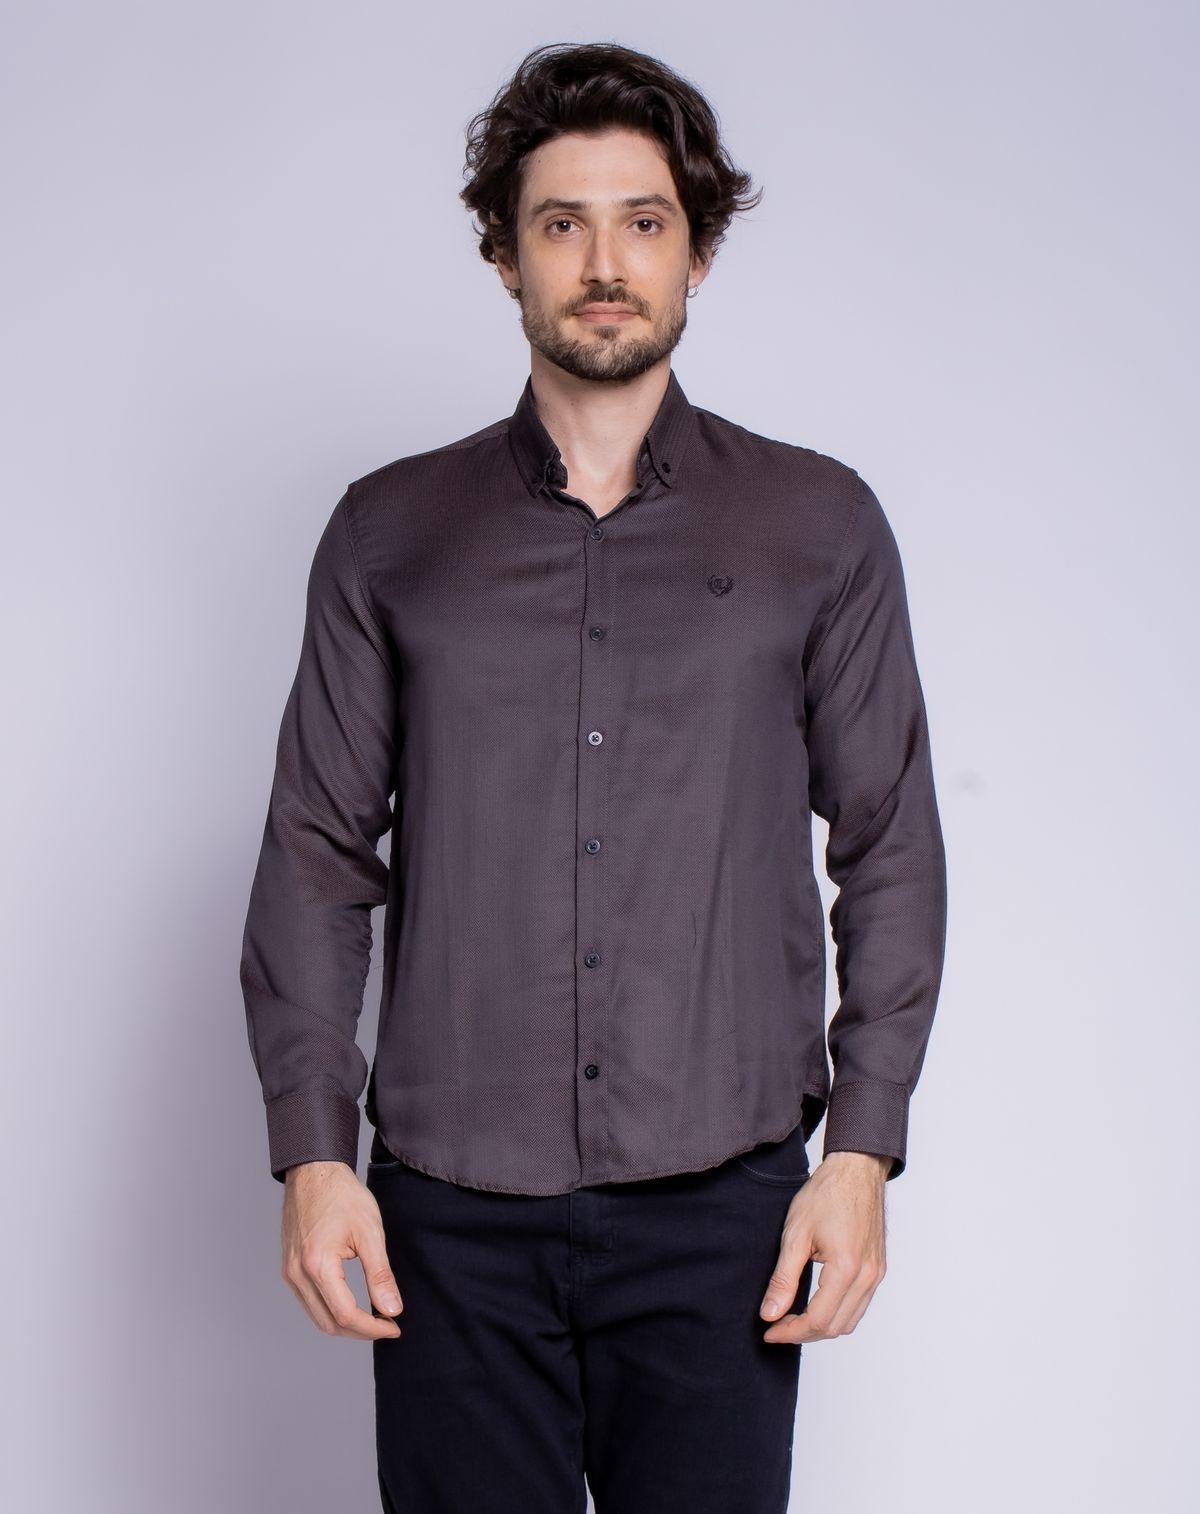 580278002-camisa-social-manga-longa-masculina-texturizada-cafe-m-609